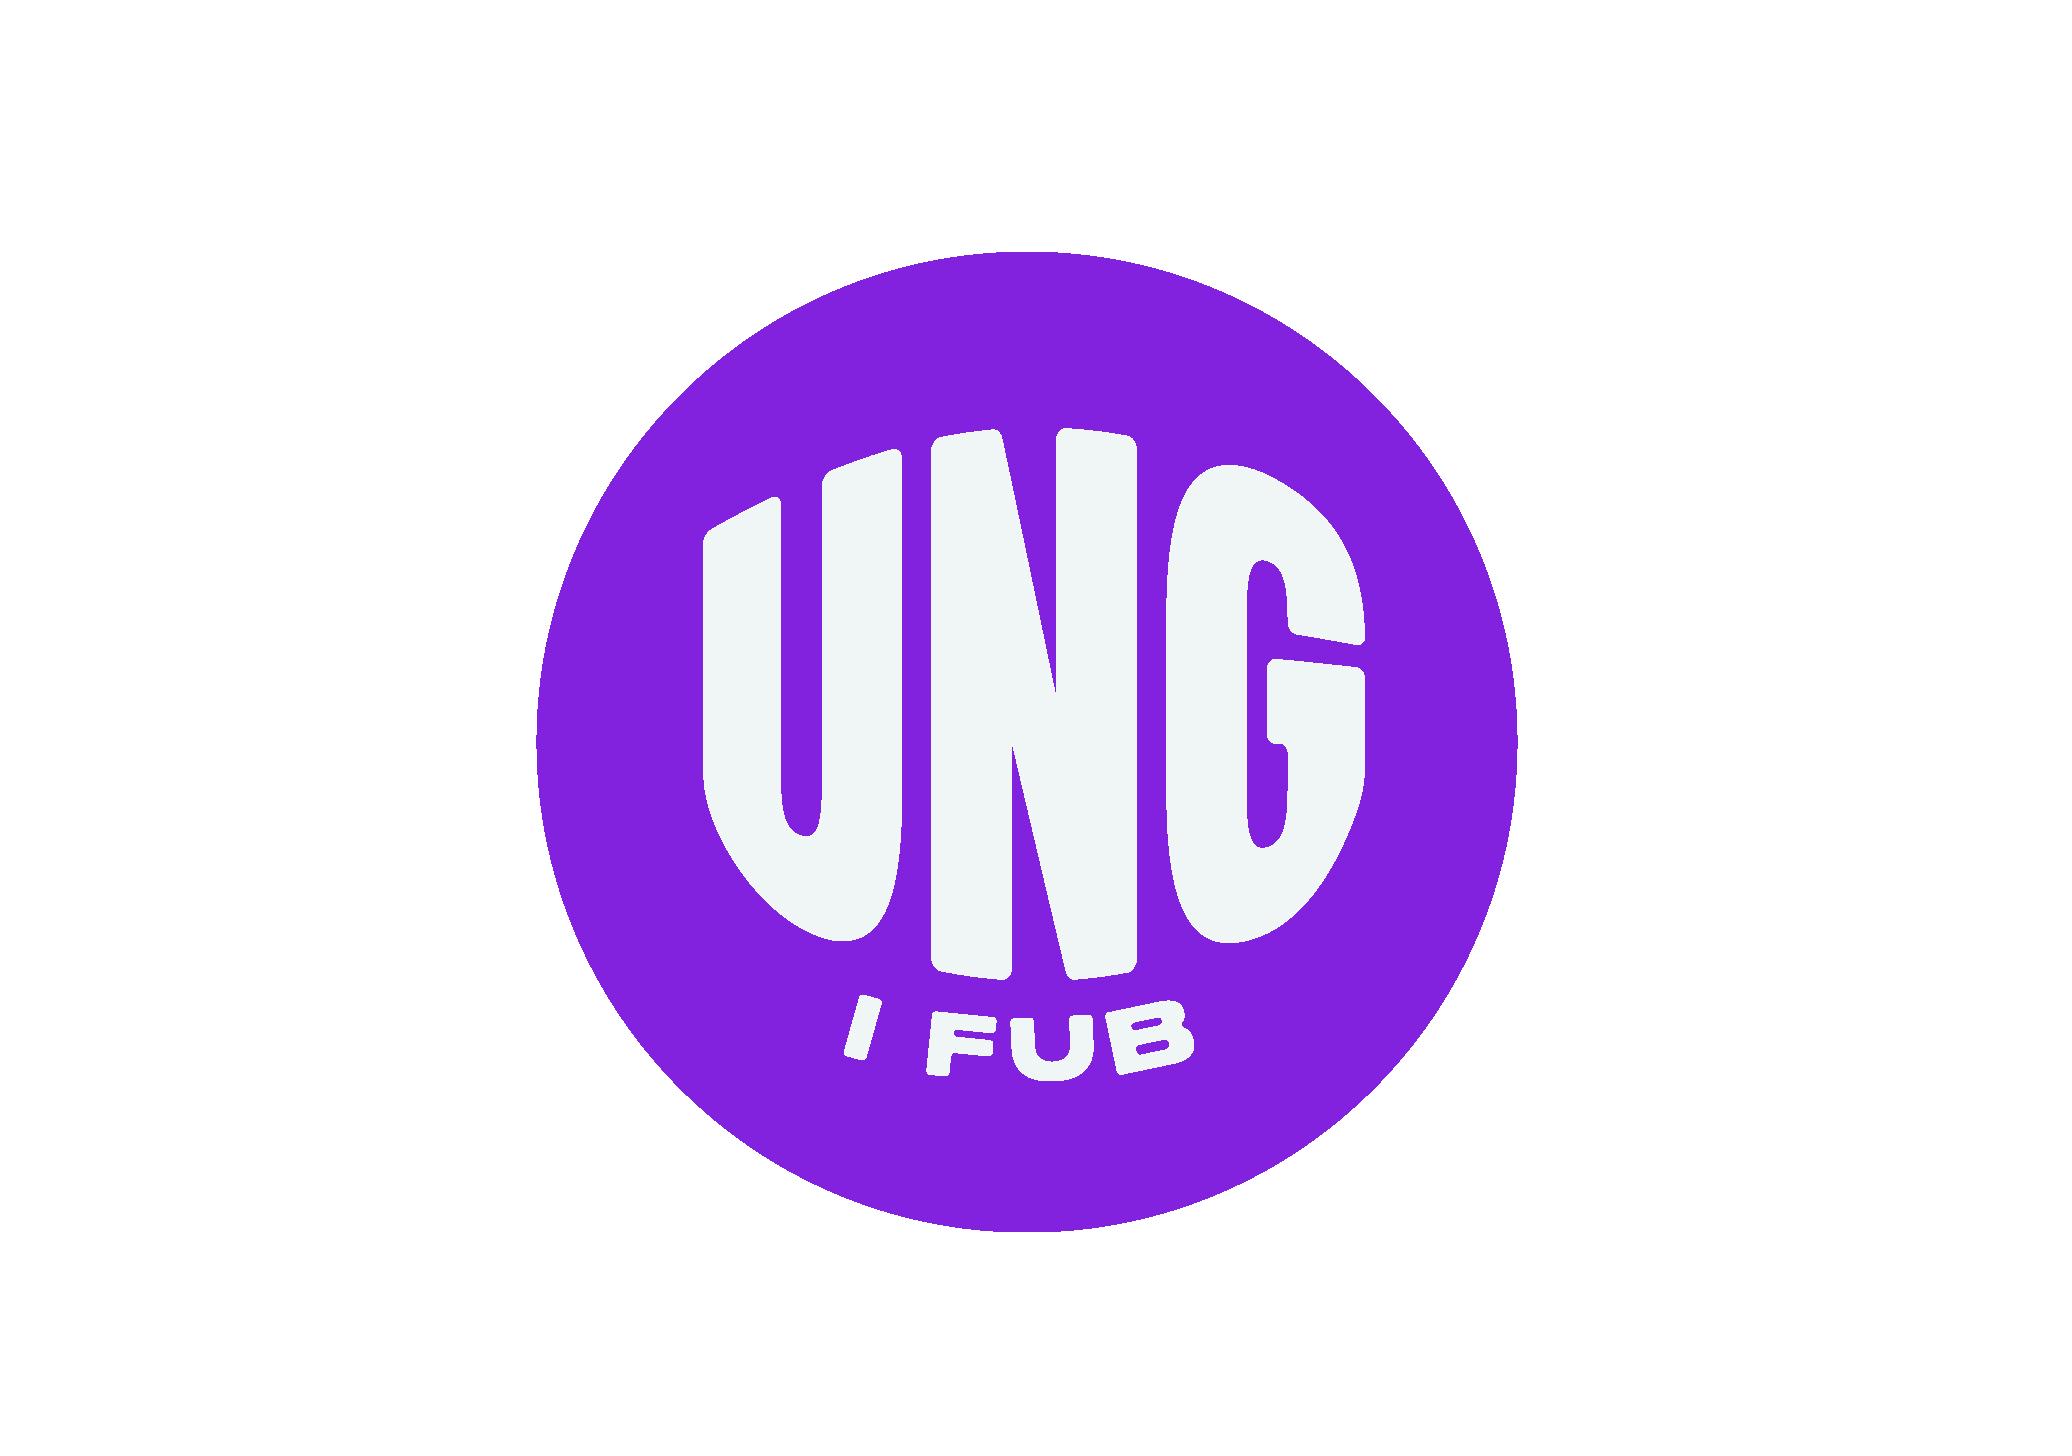 Ung i FUB-logotyp, lila